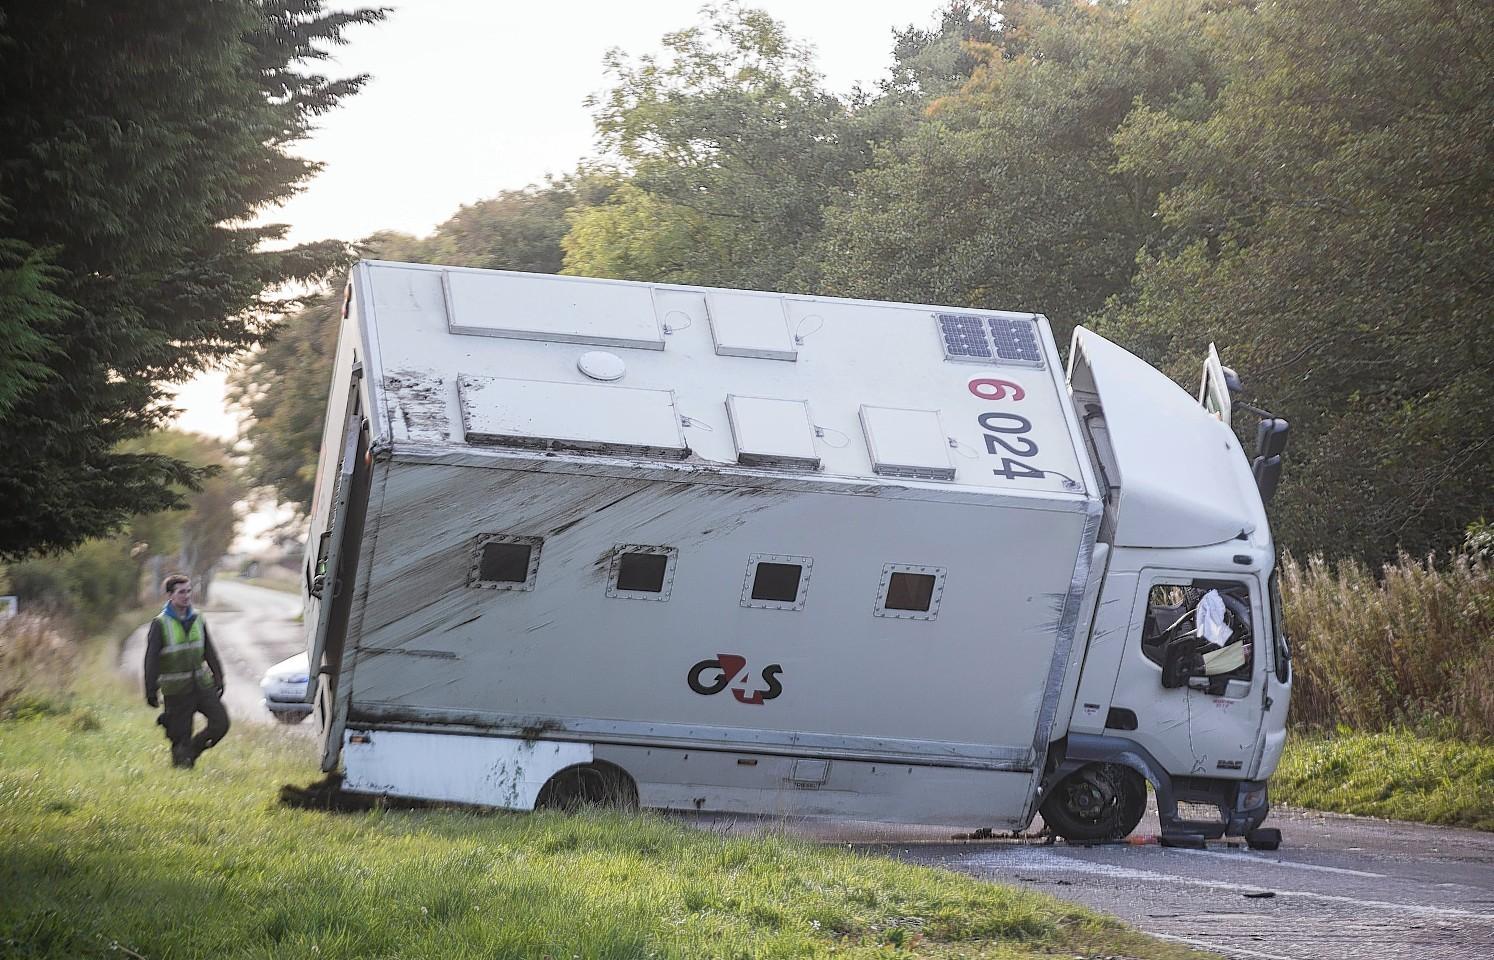 The G4S van crash